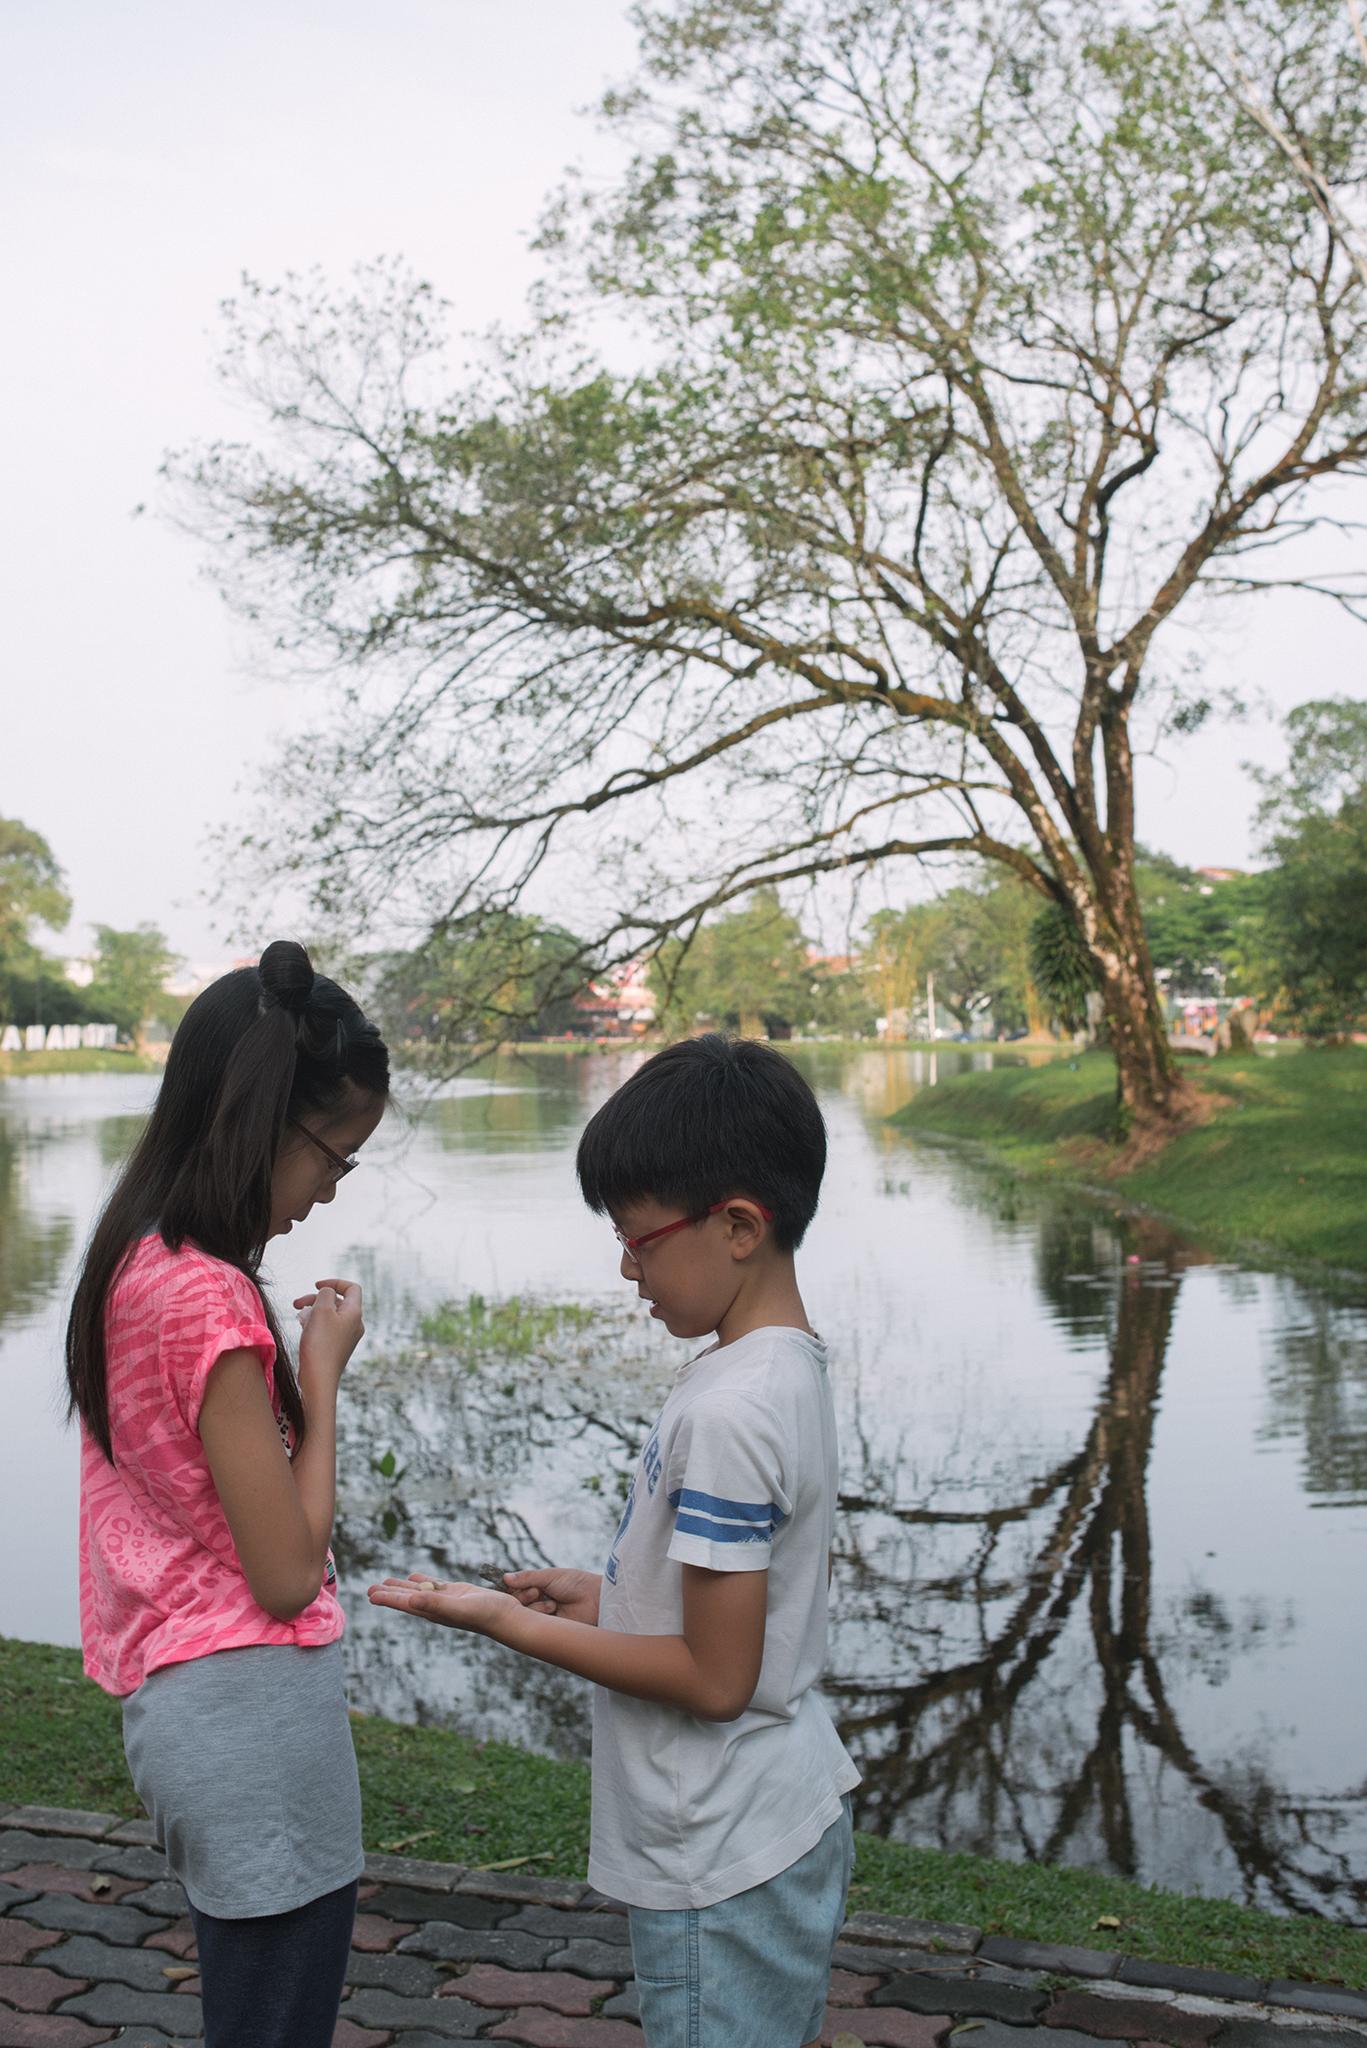 taiping_perak_malaysia_07